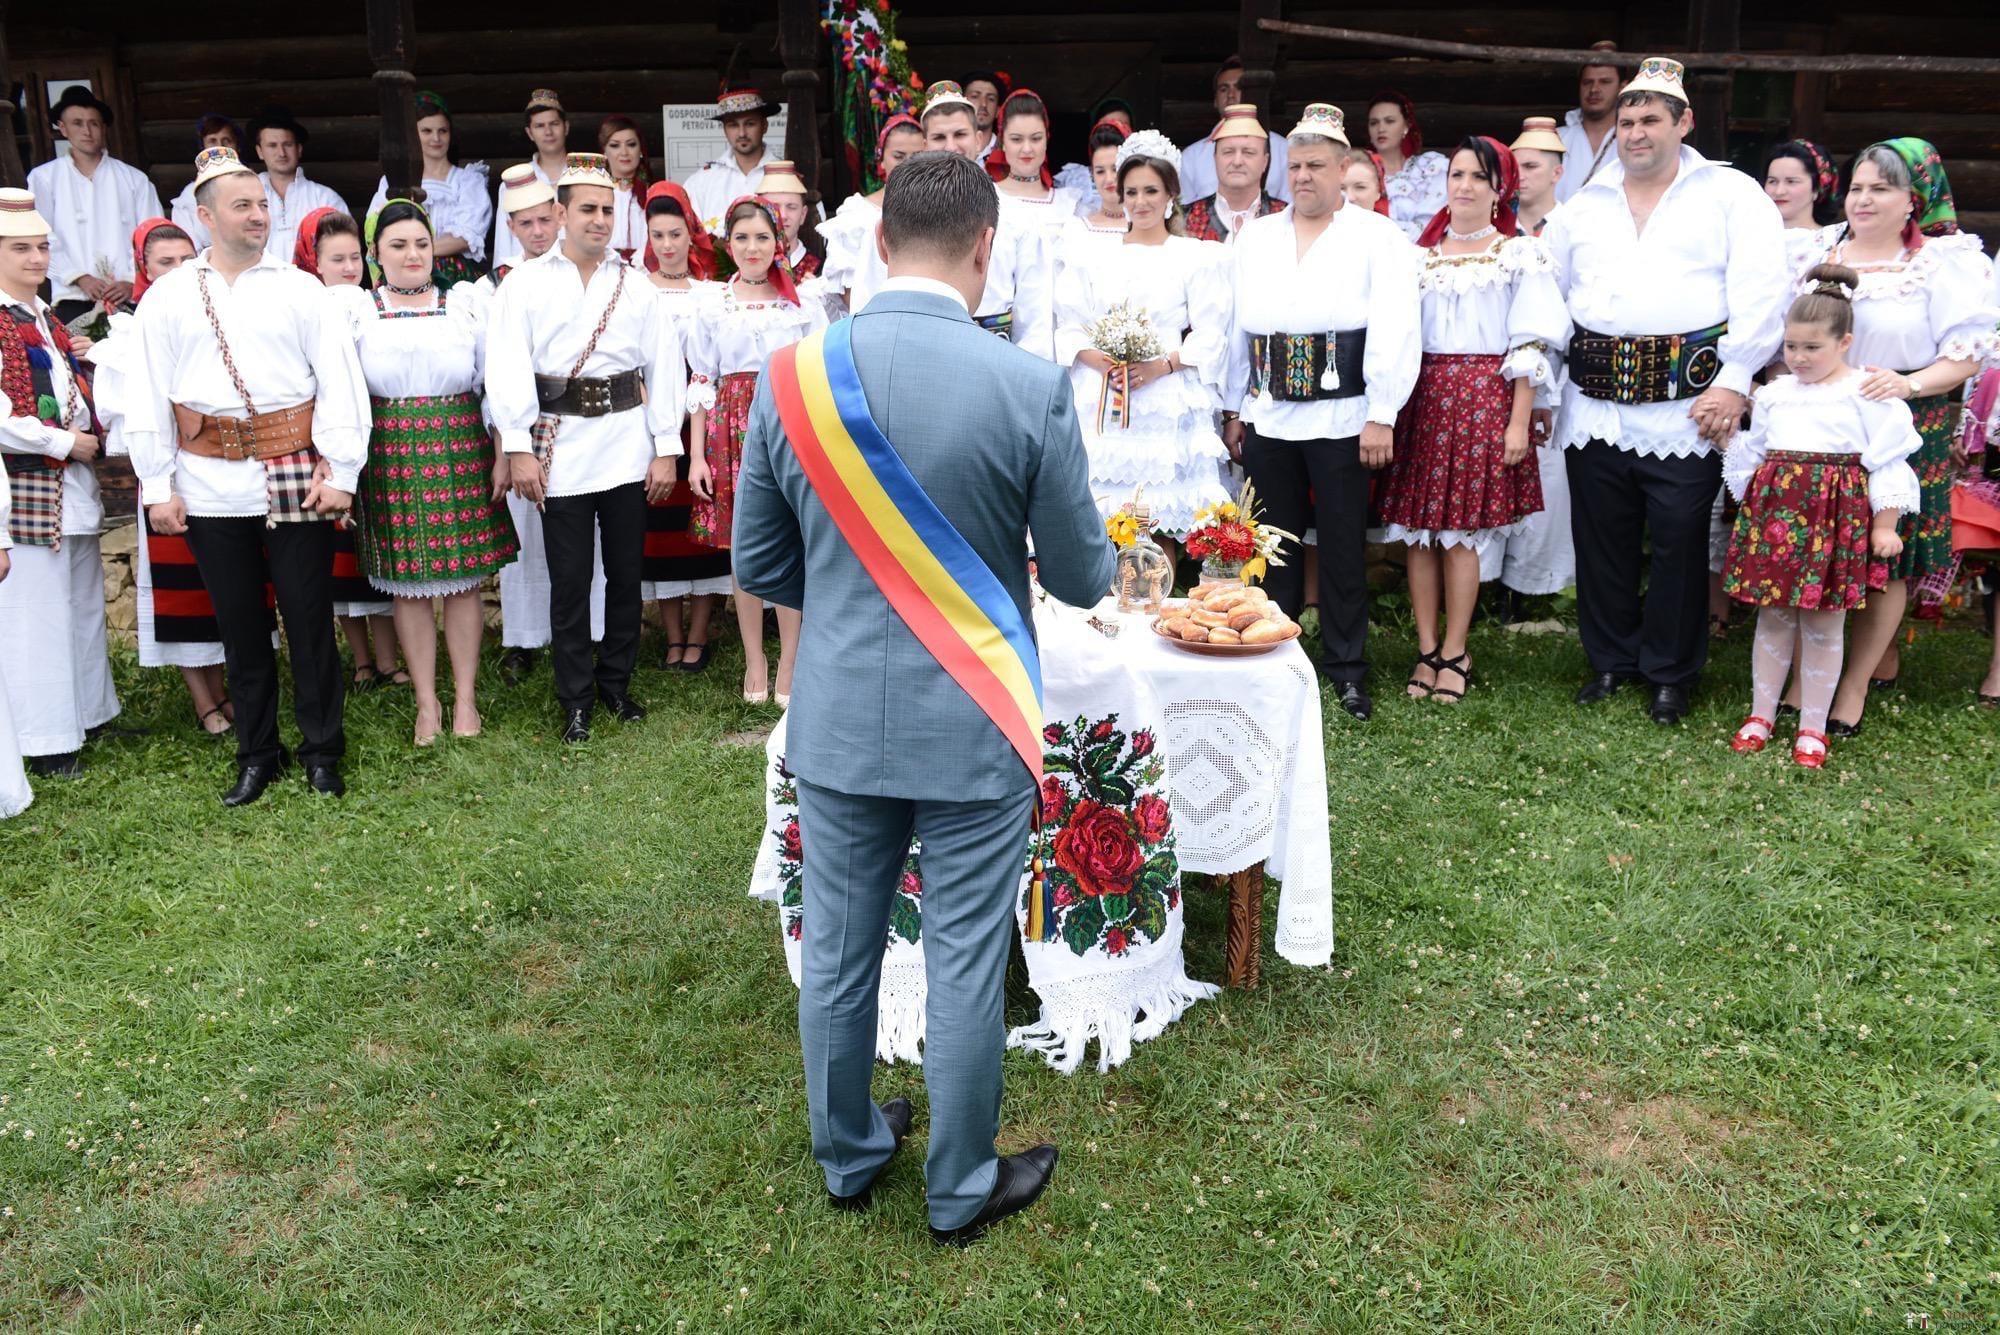 Povești Nunți Tradiționale - Florentina Vlad și Lemnean Ionuț. Cununie tradițională în Baia Mare 15